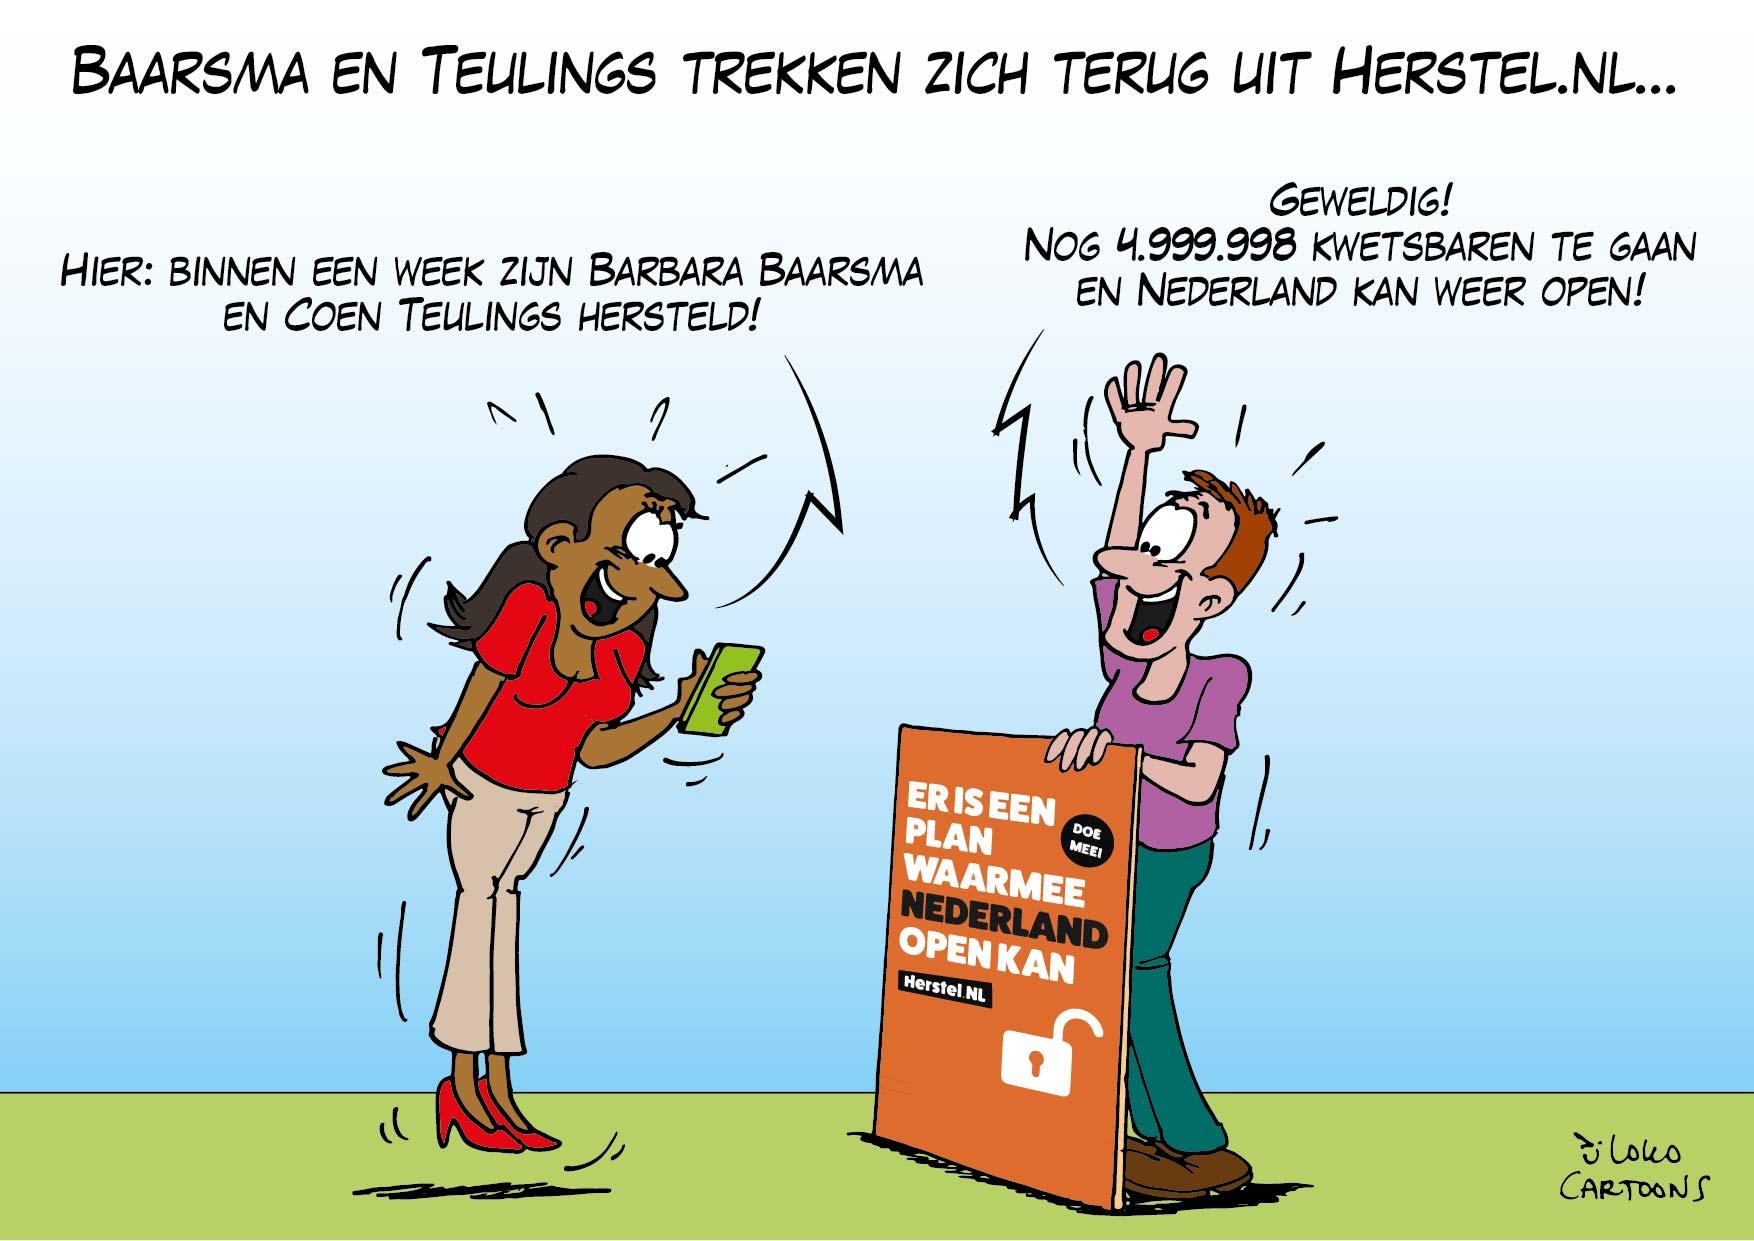 Baarsma en teulings trekken zich terug uit Herstel-NL…